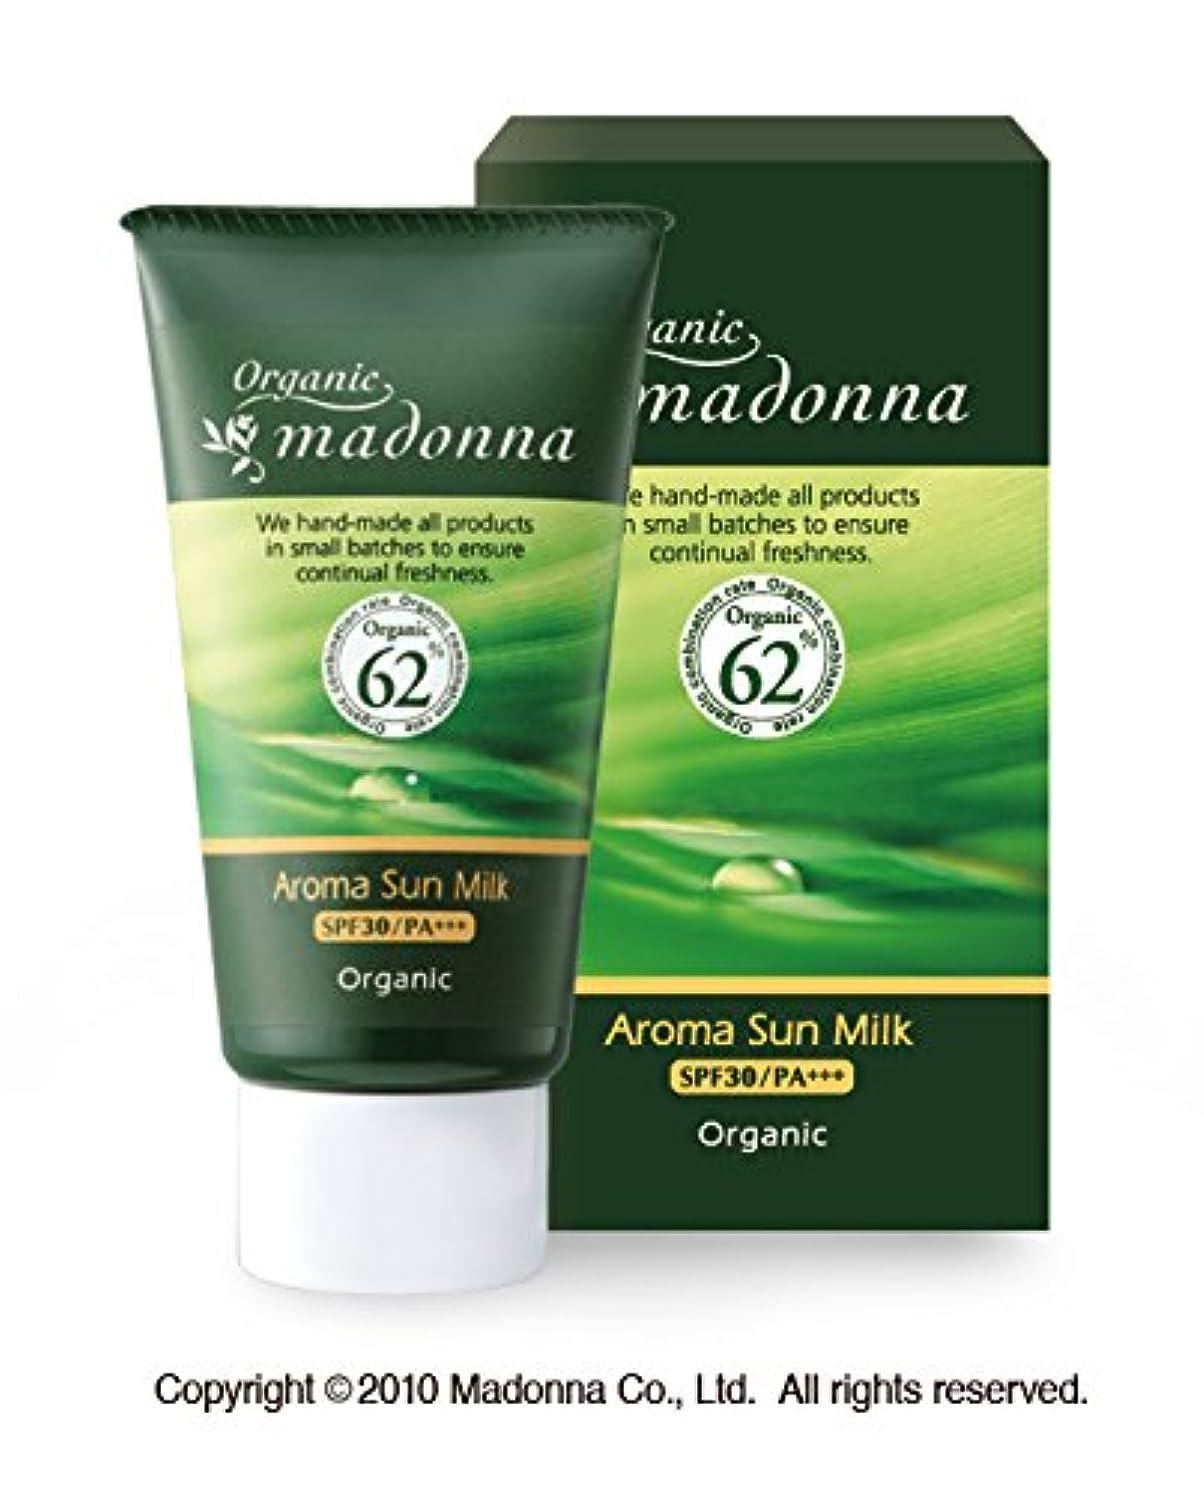 香ばしい音楽家ゲートオーガニックマドンナ アロマサンミルク45g(SPF30/PA+++)<オーガニック62%配合>